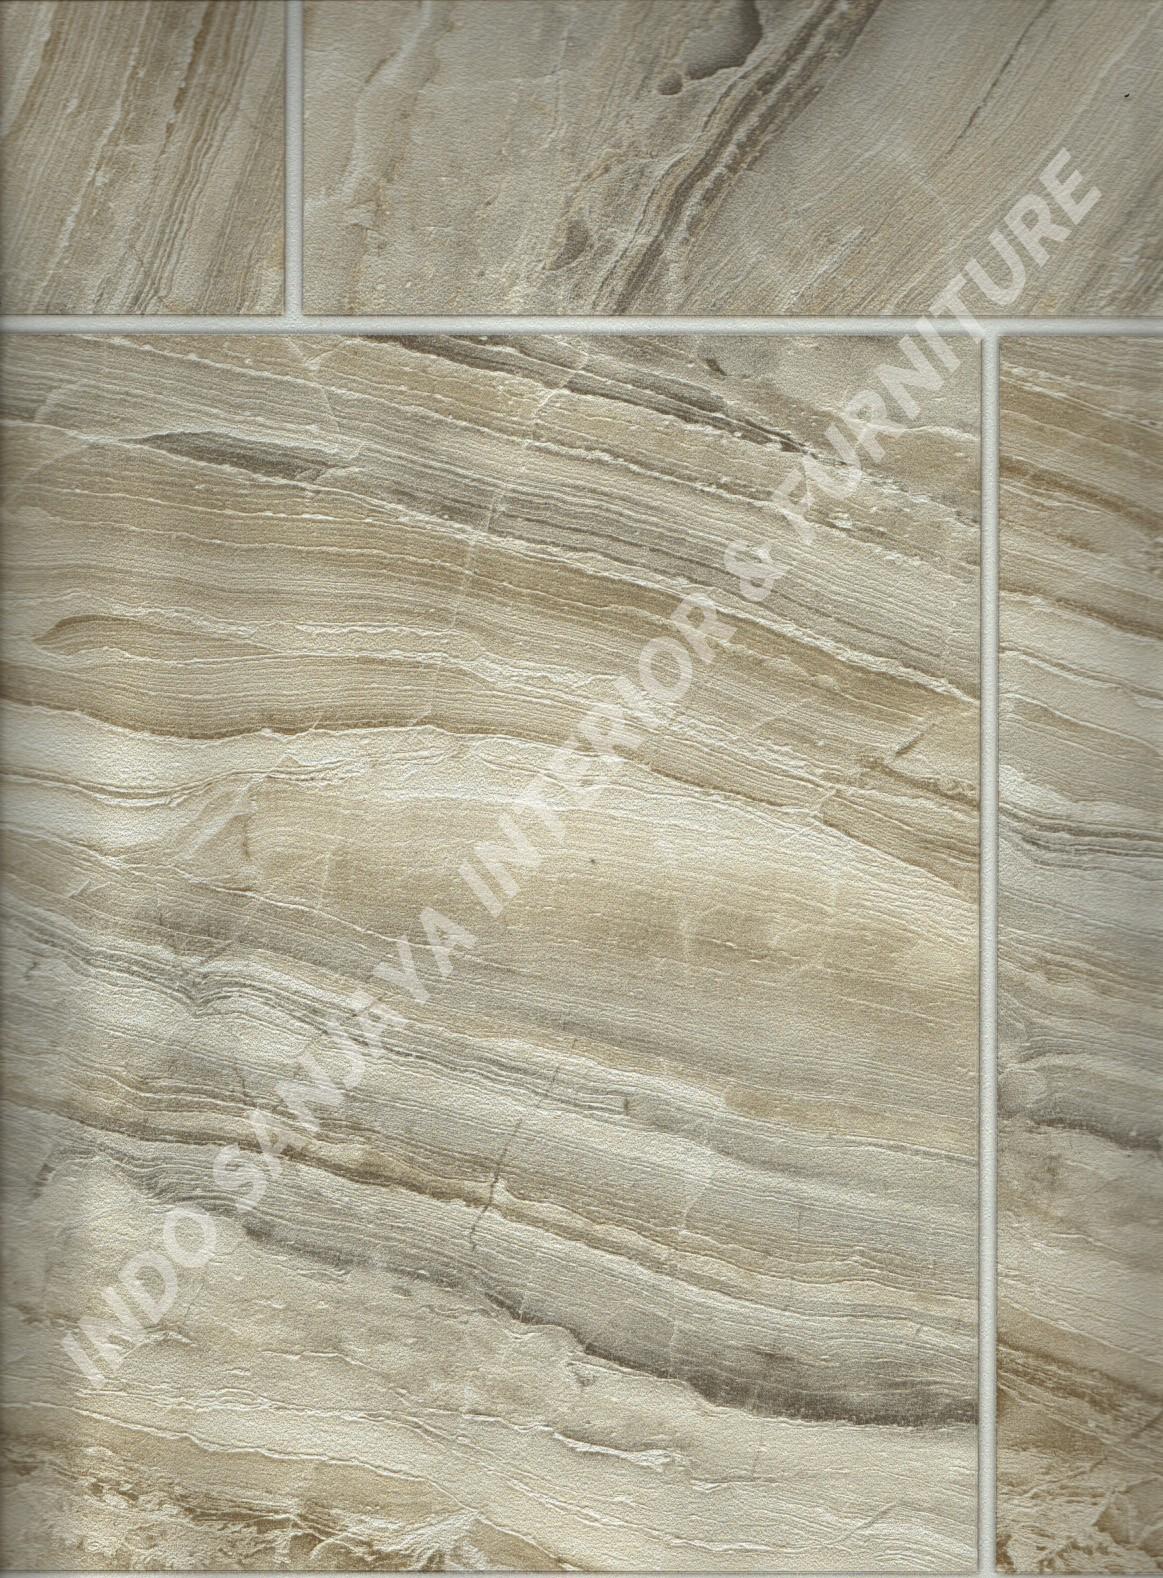 wallpaper   Wallpaper Batu-Batuan 40117-2:40117-2 corak  warna